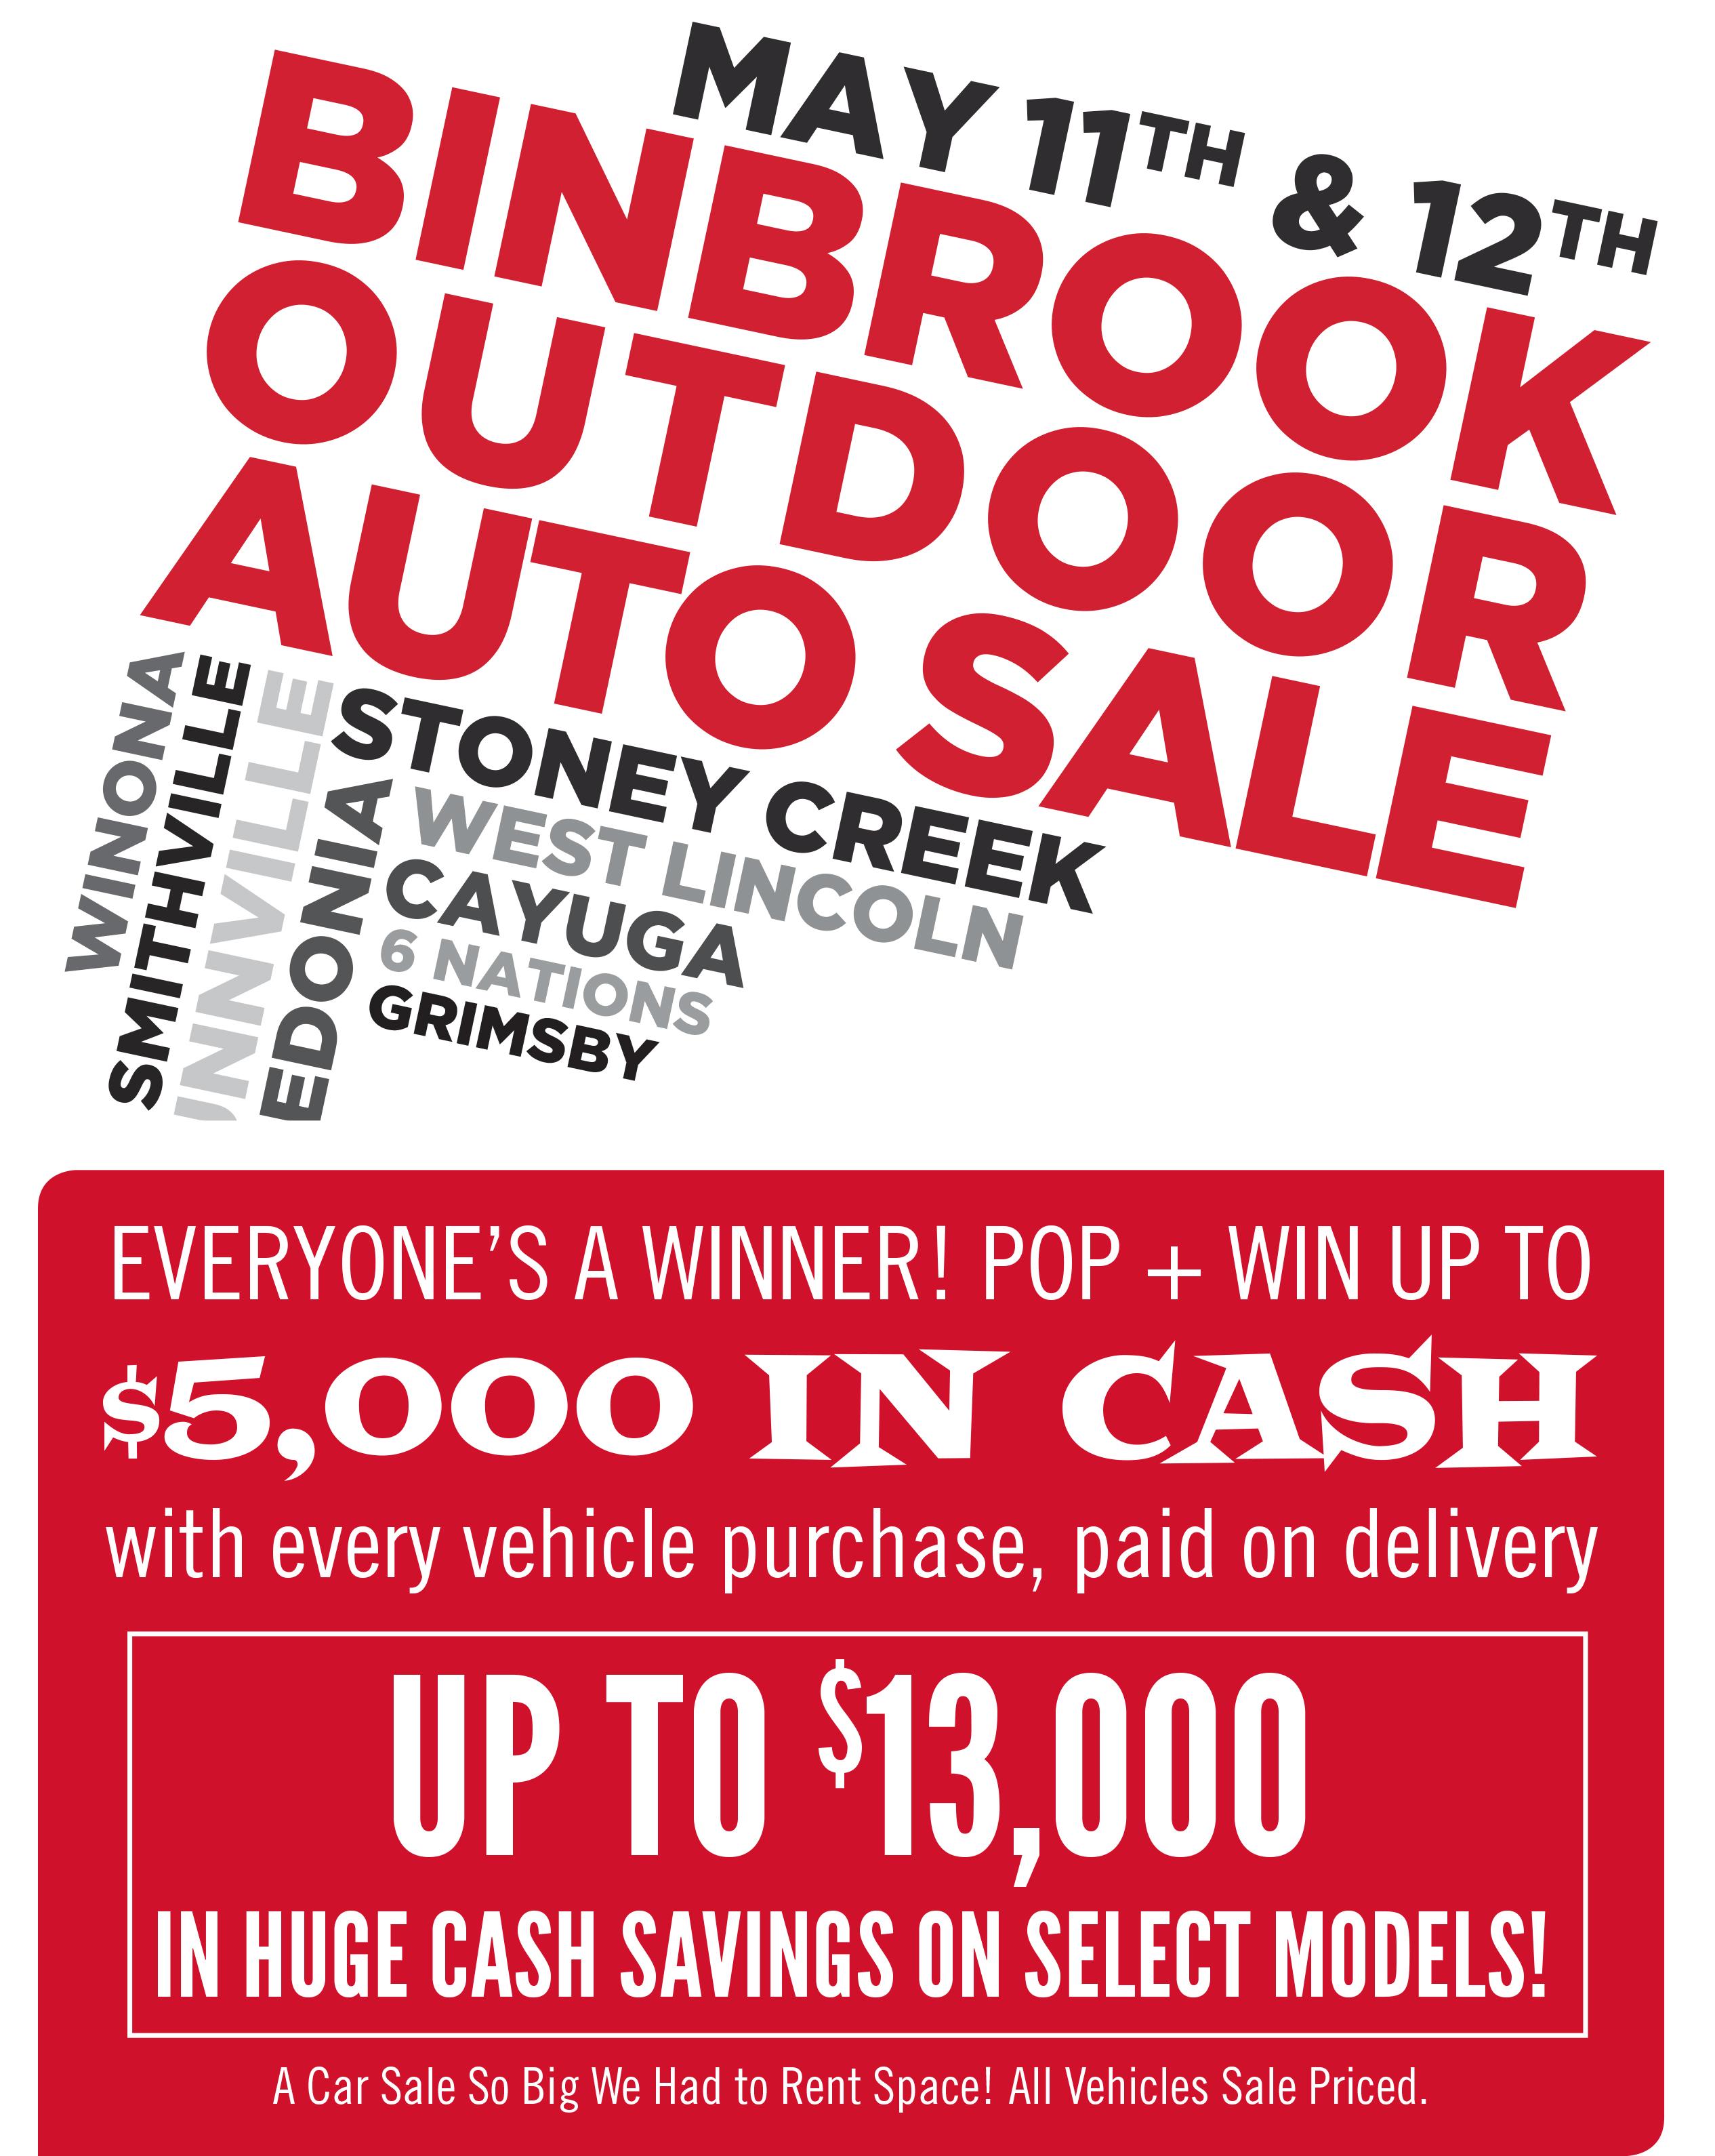 Binbrook Outdoor Auto Sale